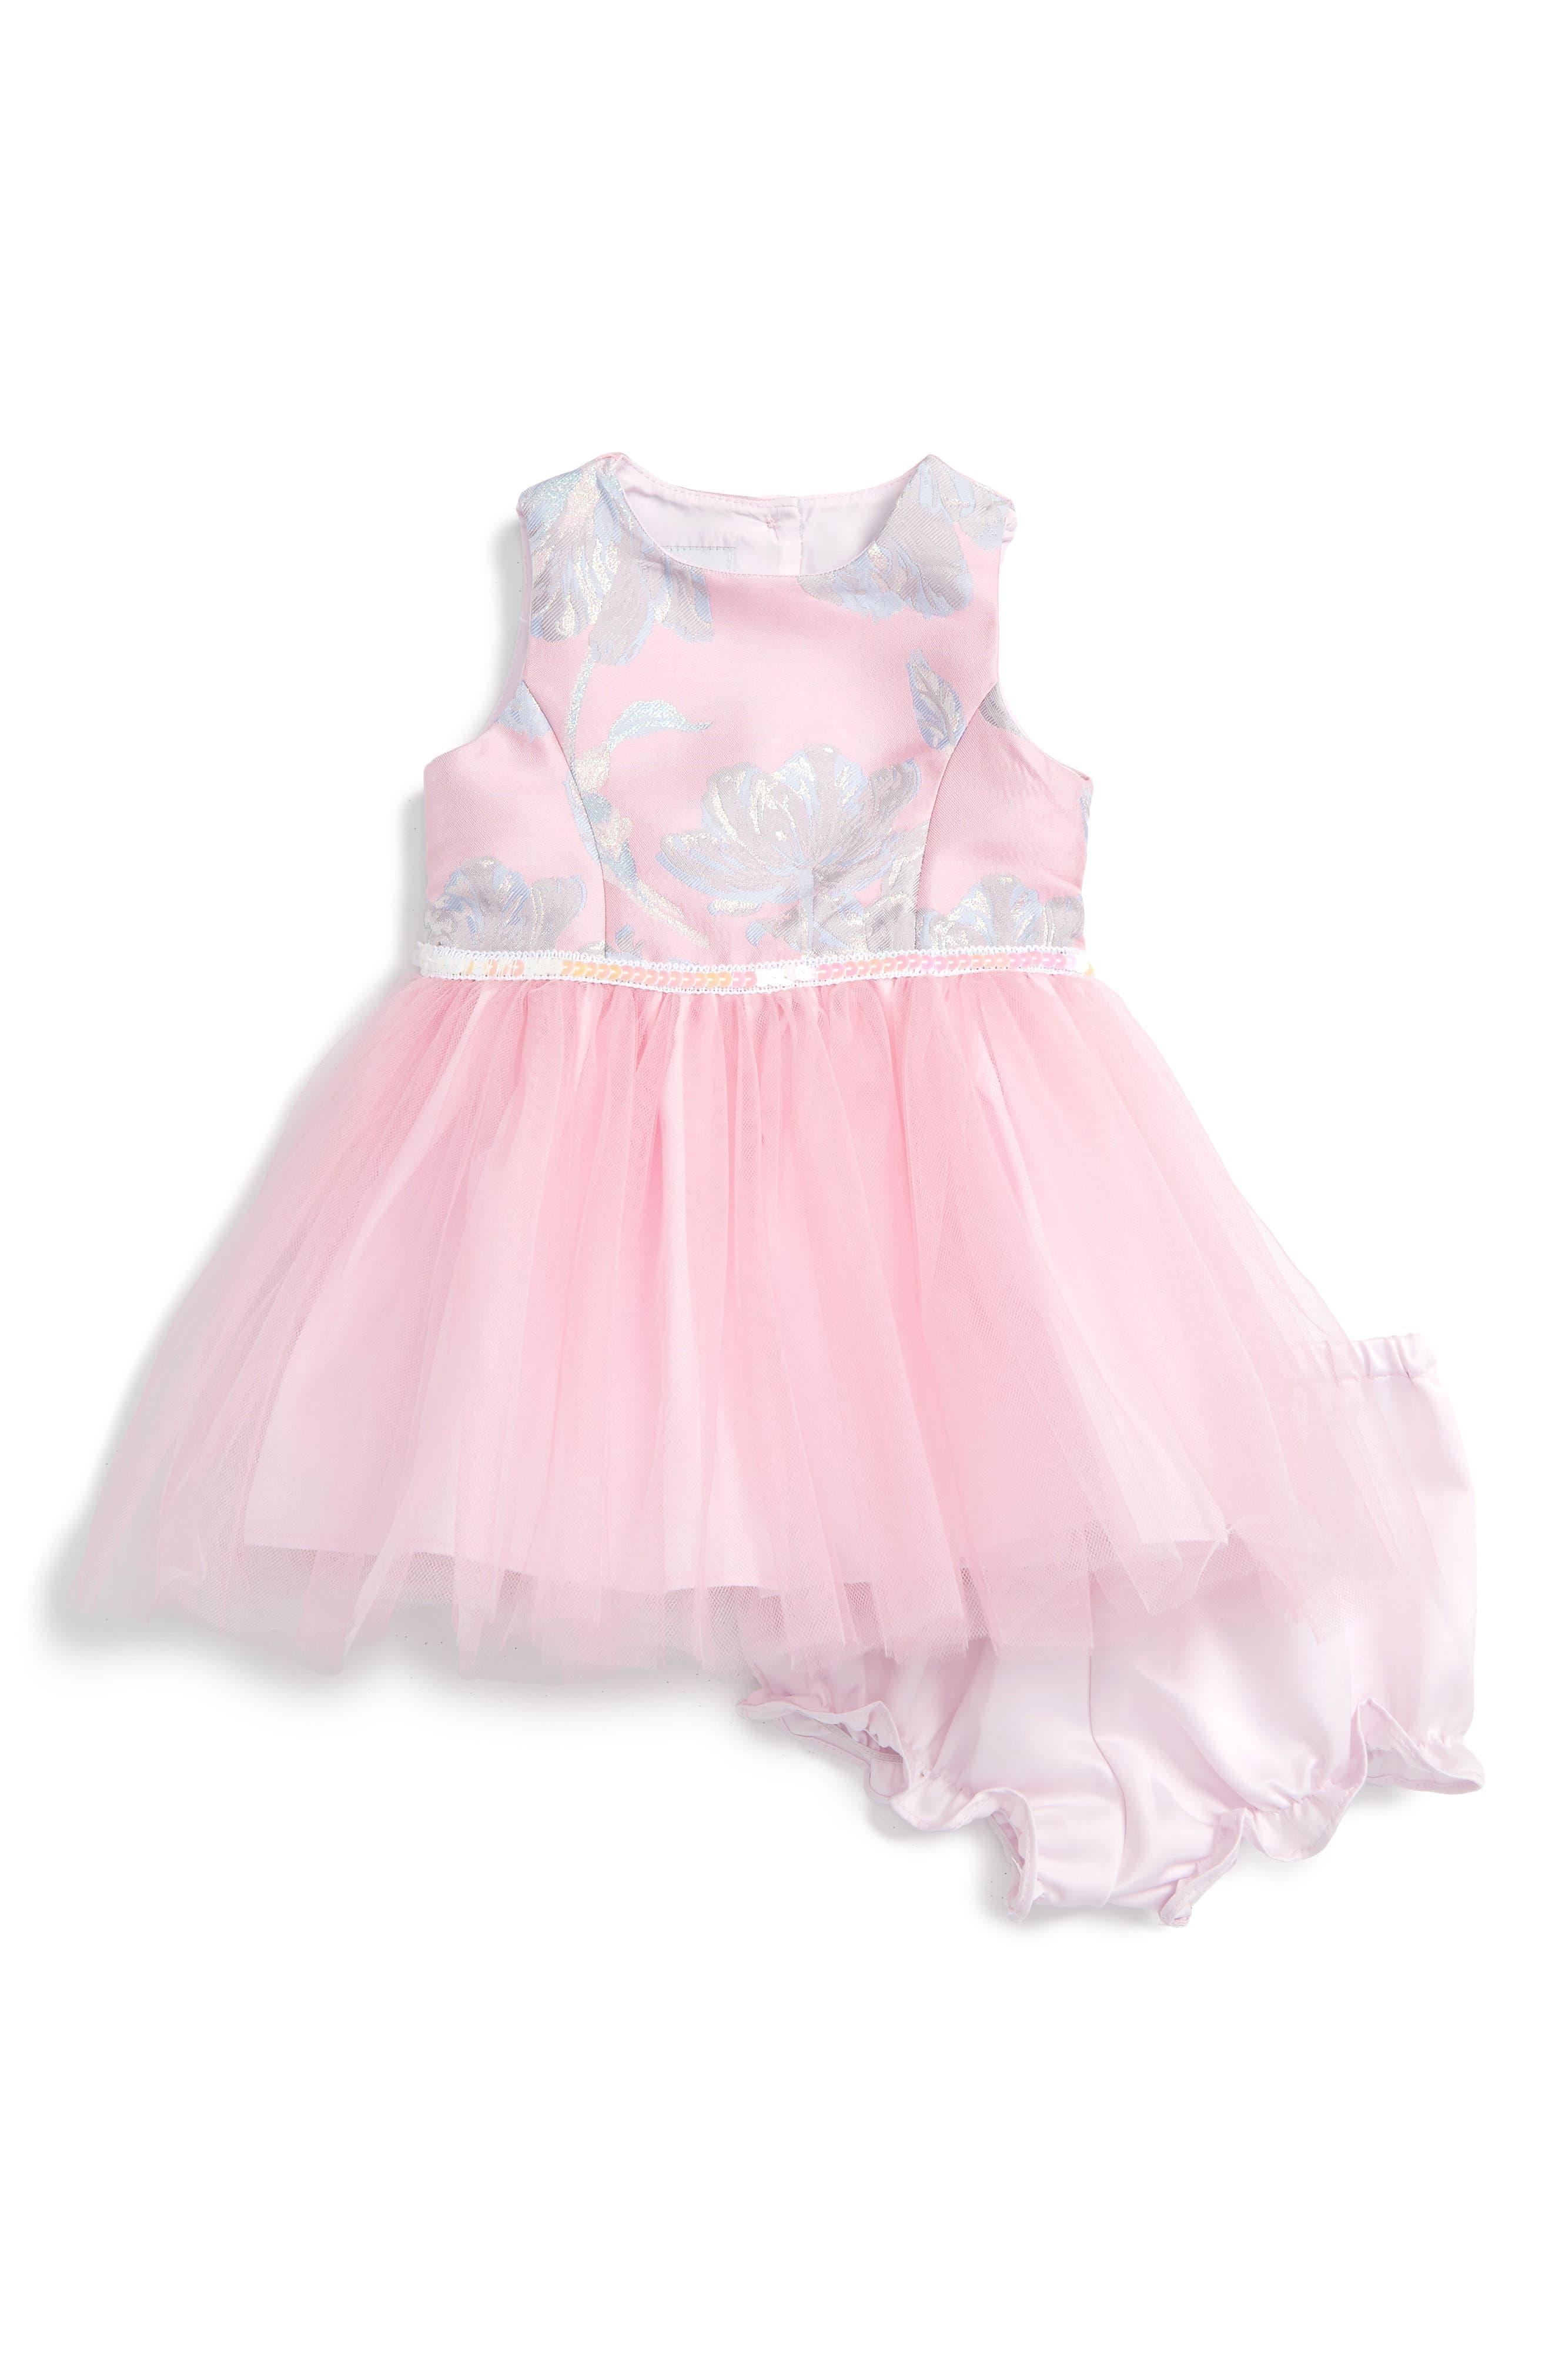 PIPPA & JULIE Brocade Floral Ballerina Dress